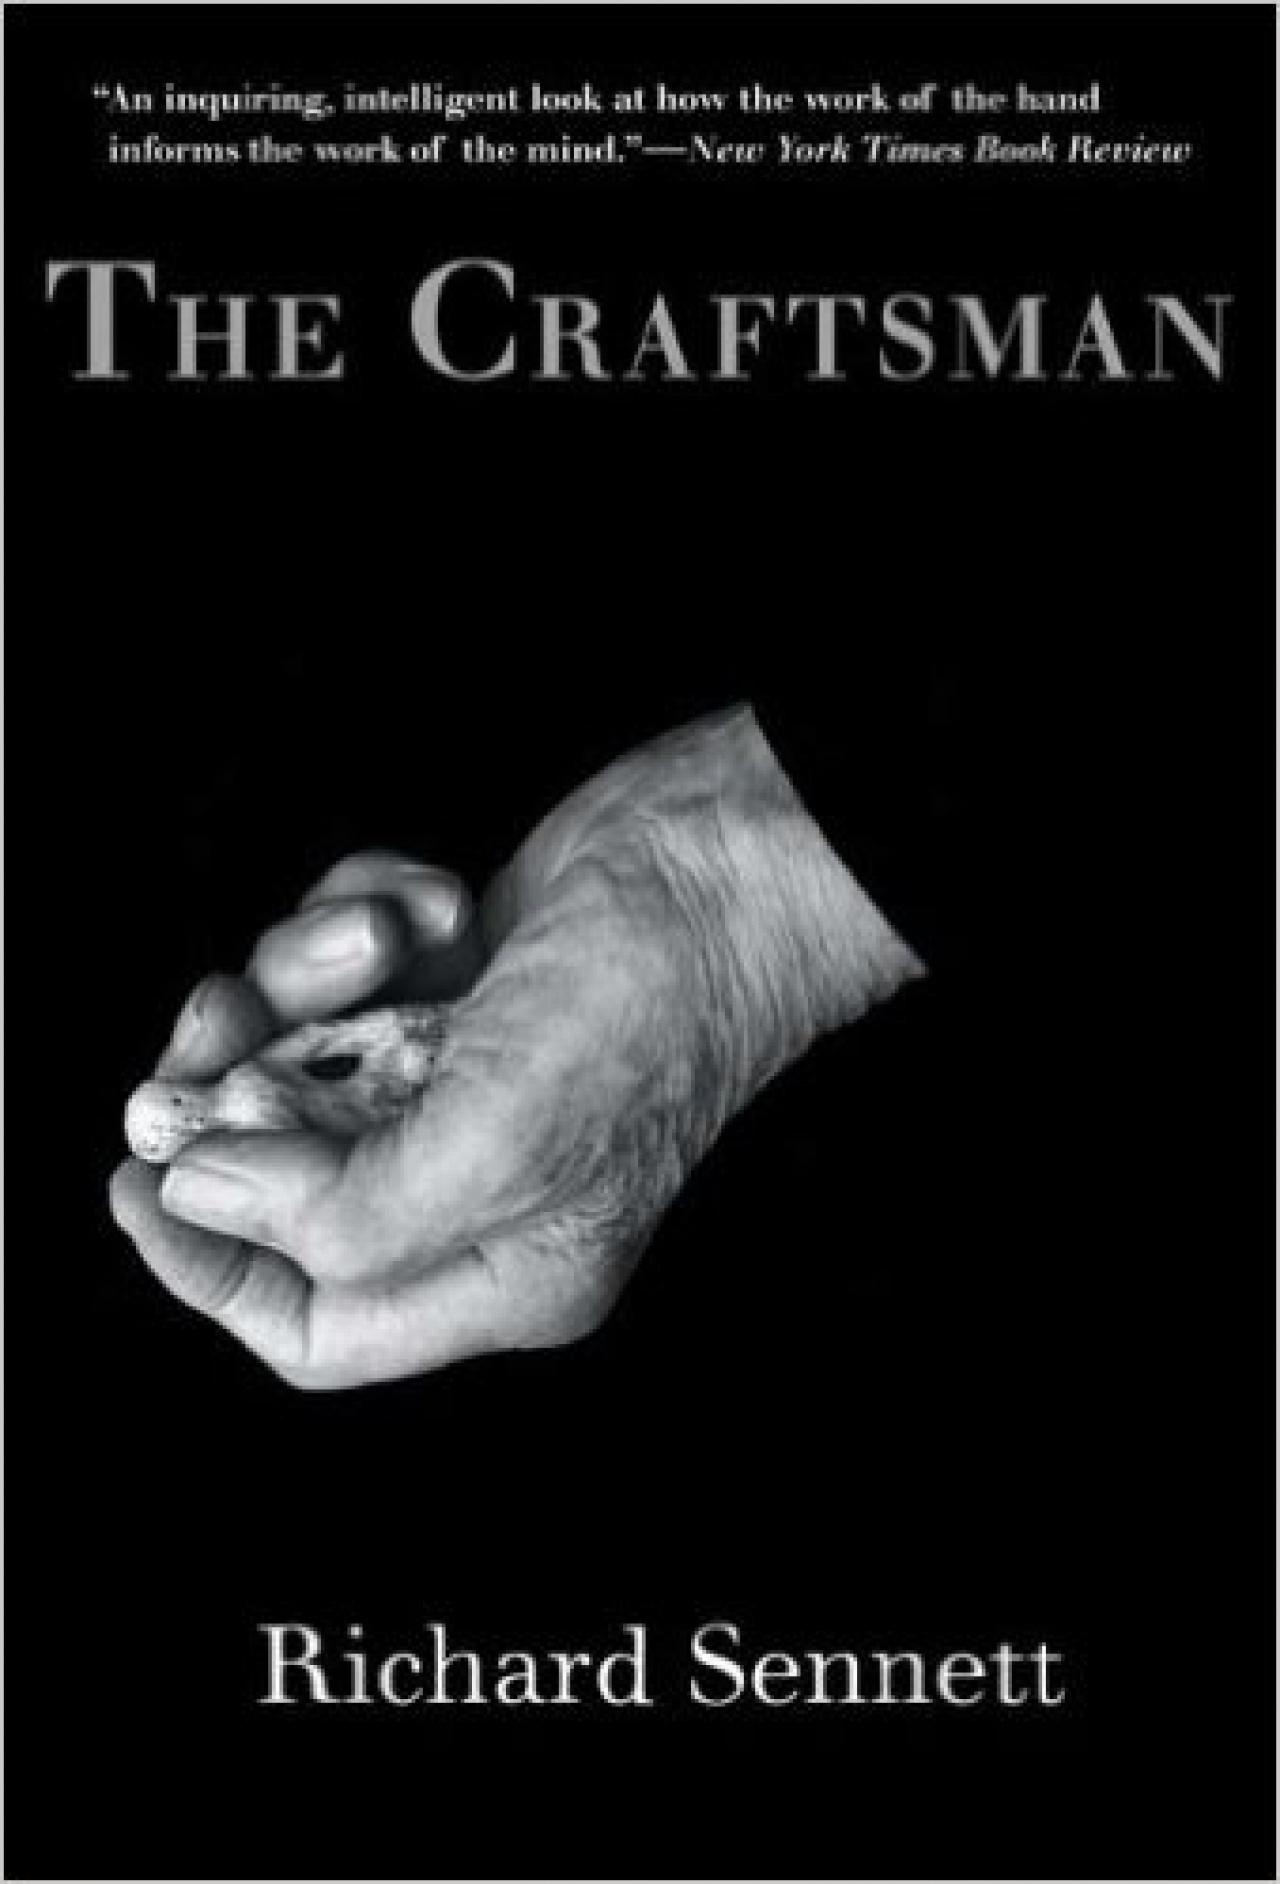 許寶強老師曾以社會學者 Richard Sennett 對「技藝精神」(craftsmanship)的定義作詮釋:那就是為做好高質工作而做的欲望。(Amazon)